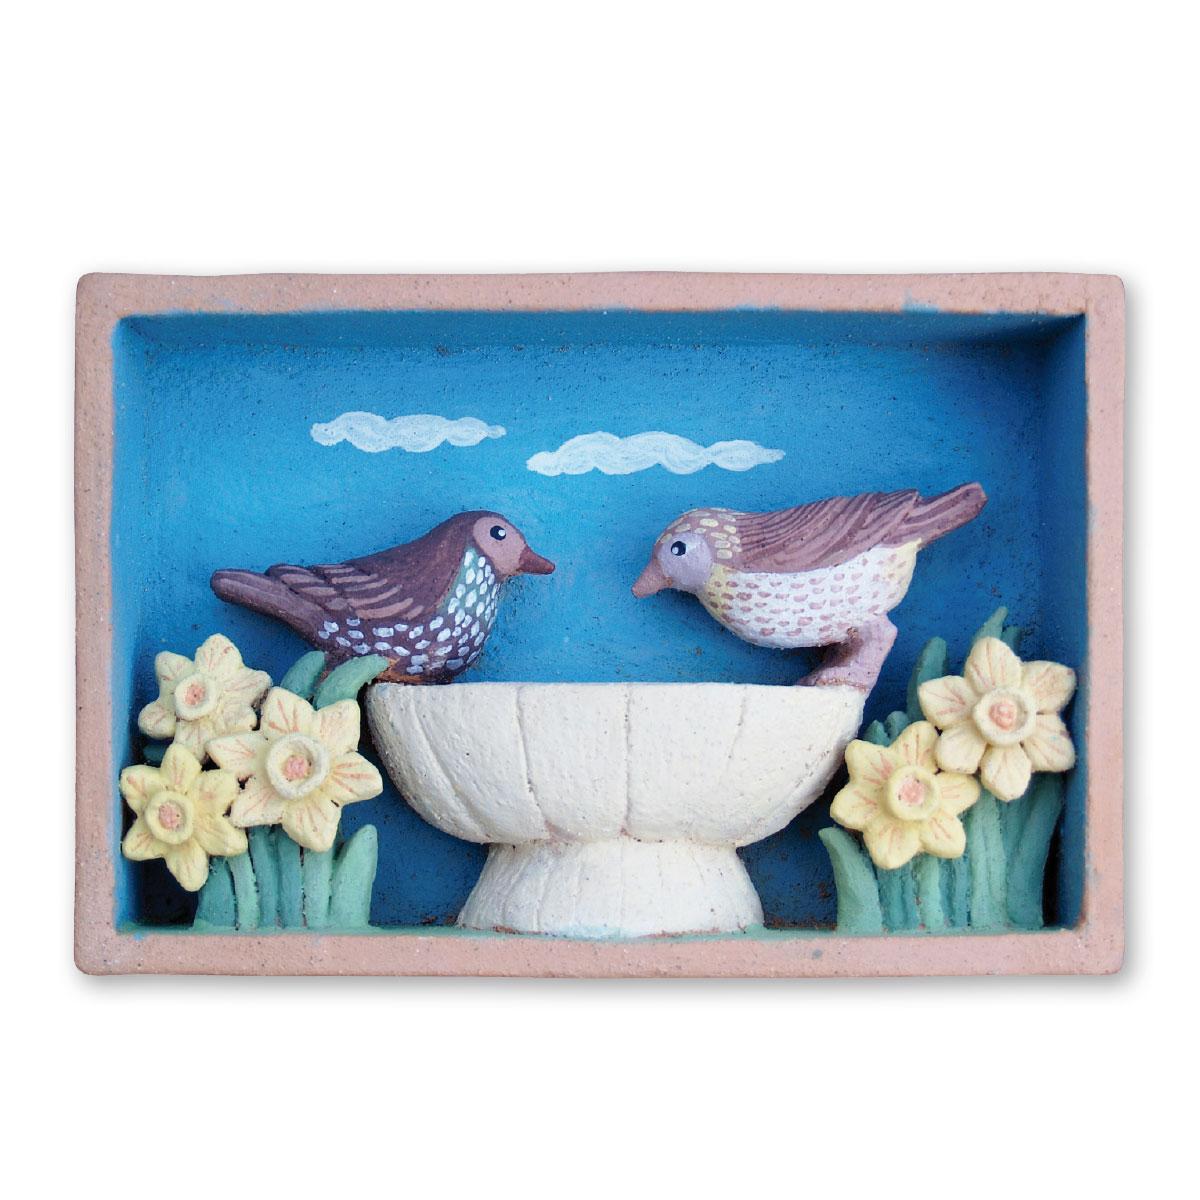 L'opera dell'artista Sara Catenelli acquisita dal Museo a cielo aperto di Denice, dedicato alla ceramica contemporanea